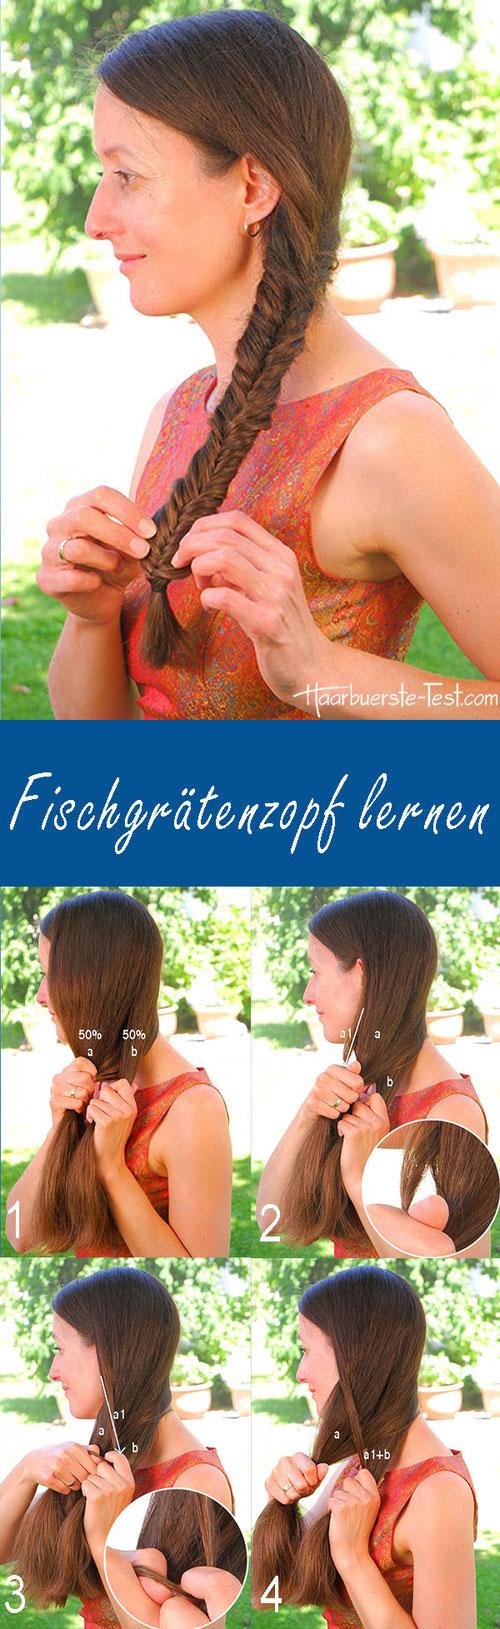 Seitlicher Fischgrätenzopf Anleitung, Fischgrätenzopf lernen, seitlicher Fischgrätenzopf Anleitung, Fischgrätenzopf für Anfänger,